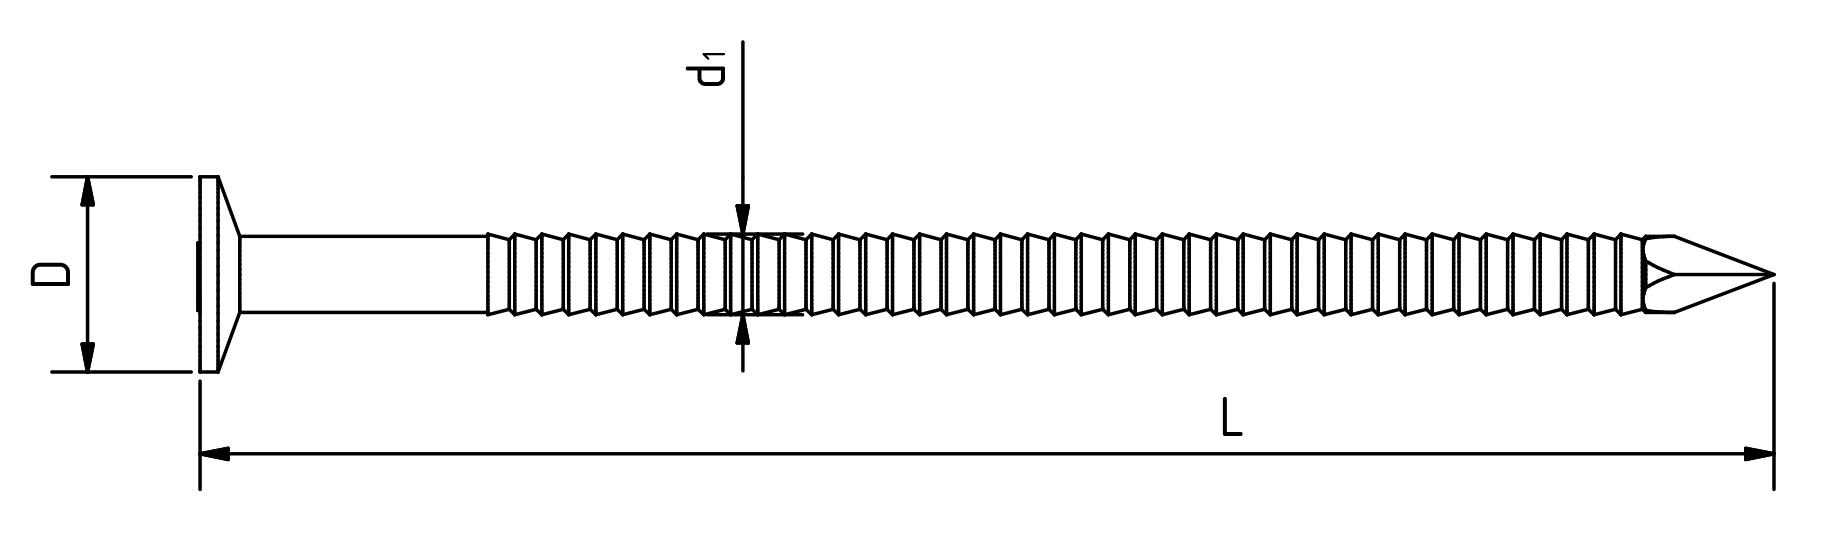 5.1_Konvexringnägel-37x70